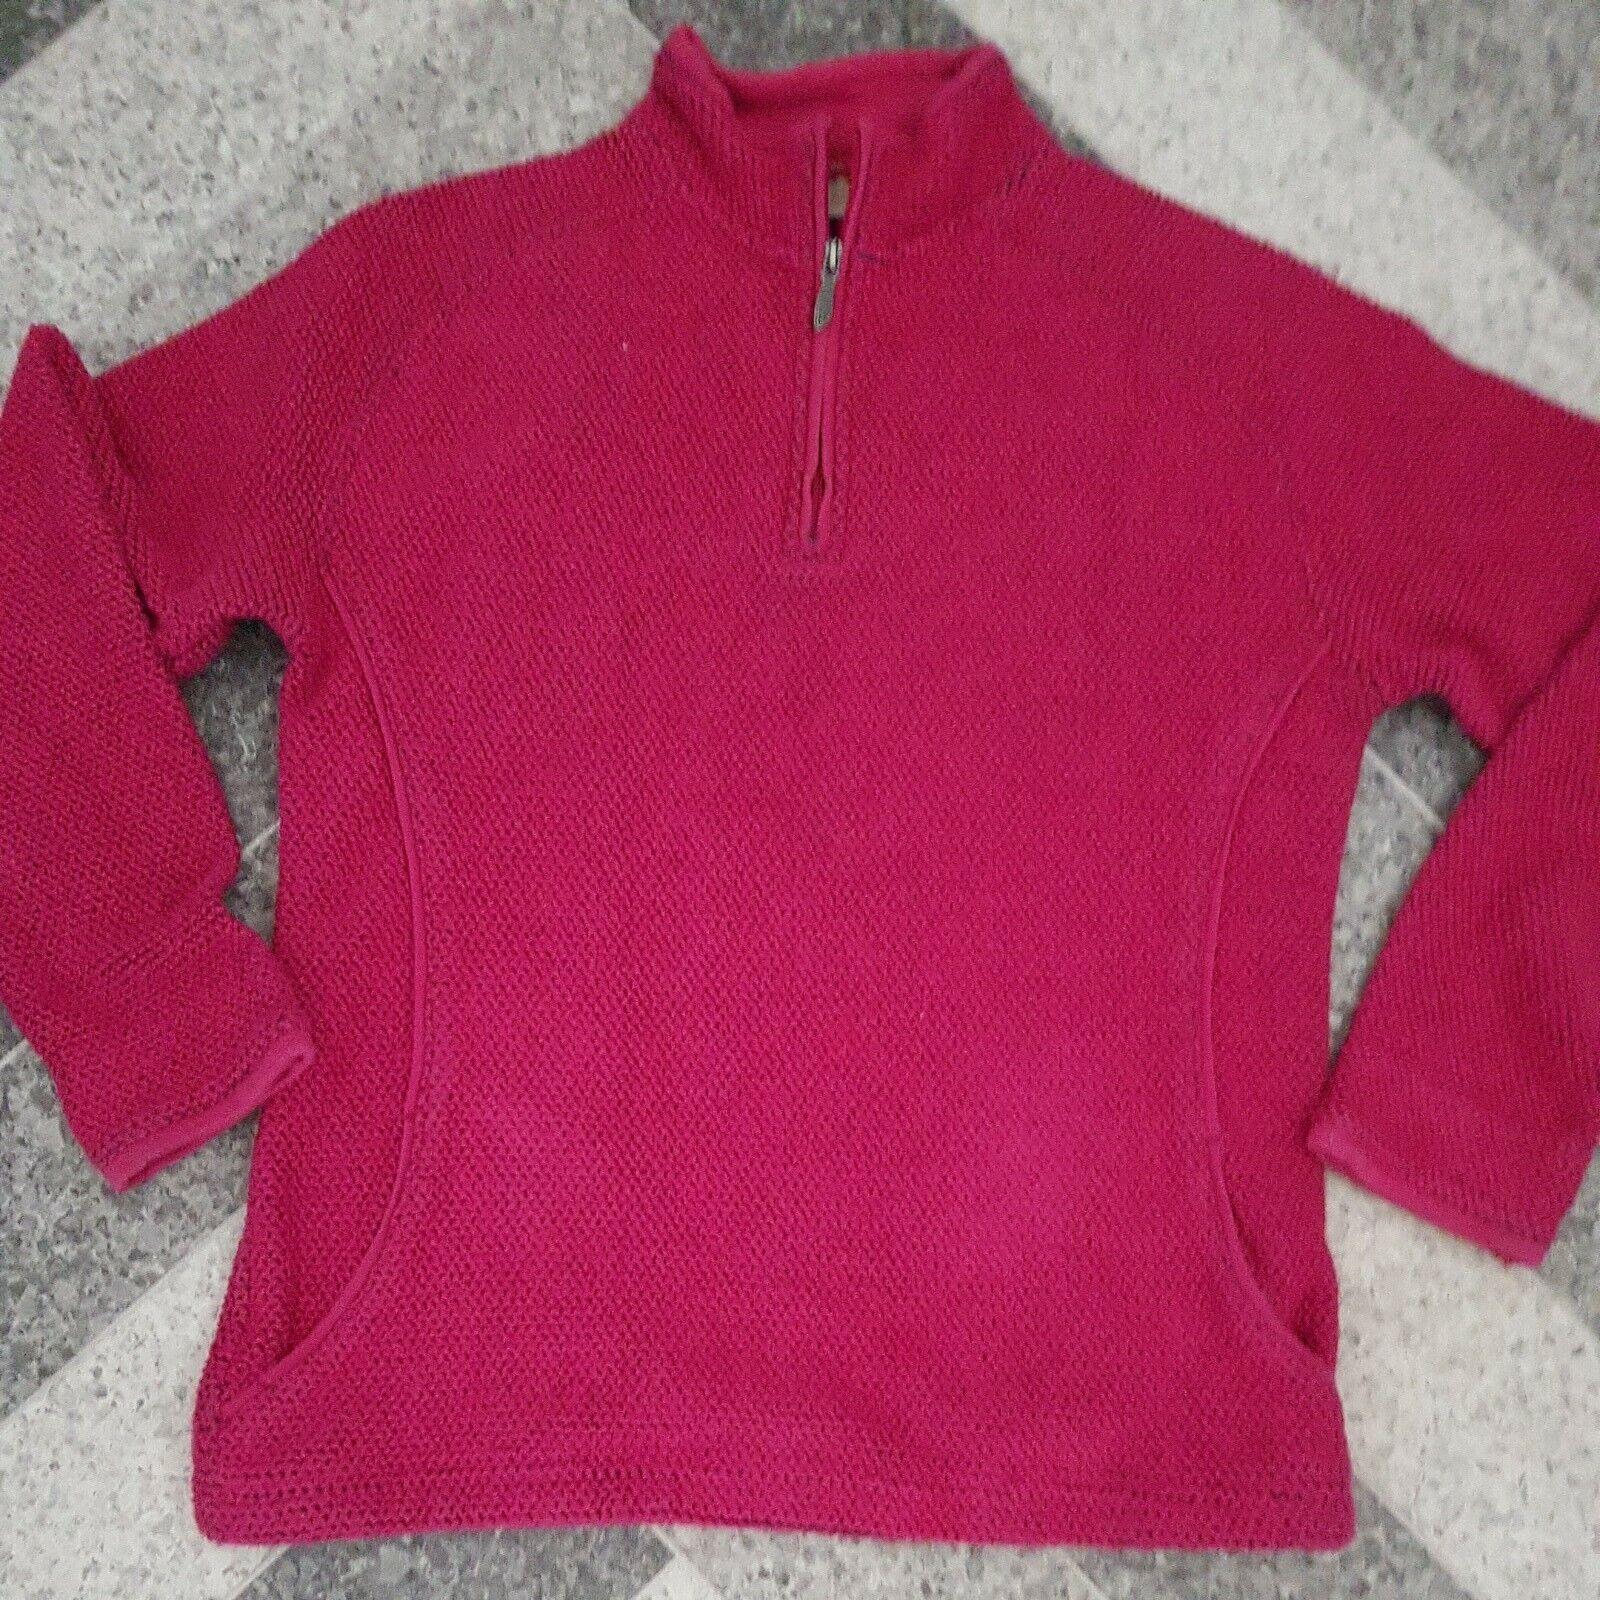 Weird Fish Macaroni Sweatshirt 1/4 Zip Sweater Pink Ladies Size Large Approx 12